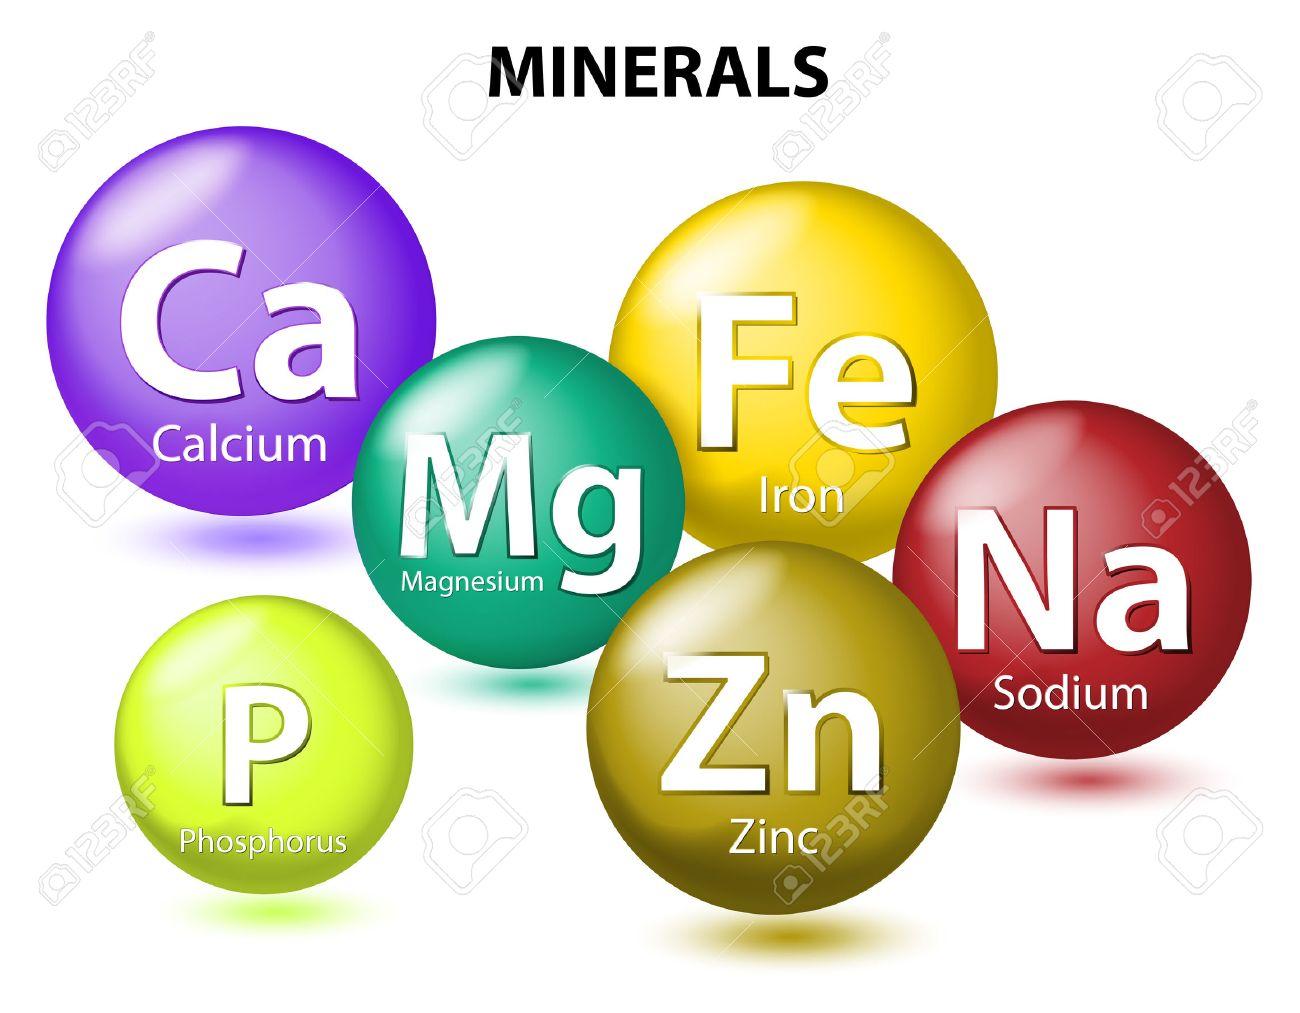 化学の必須ミネラルや栄養要素。ミネラル栄養素。ミネラルと微量 ...